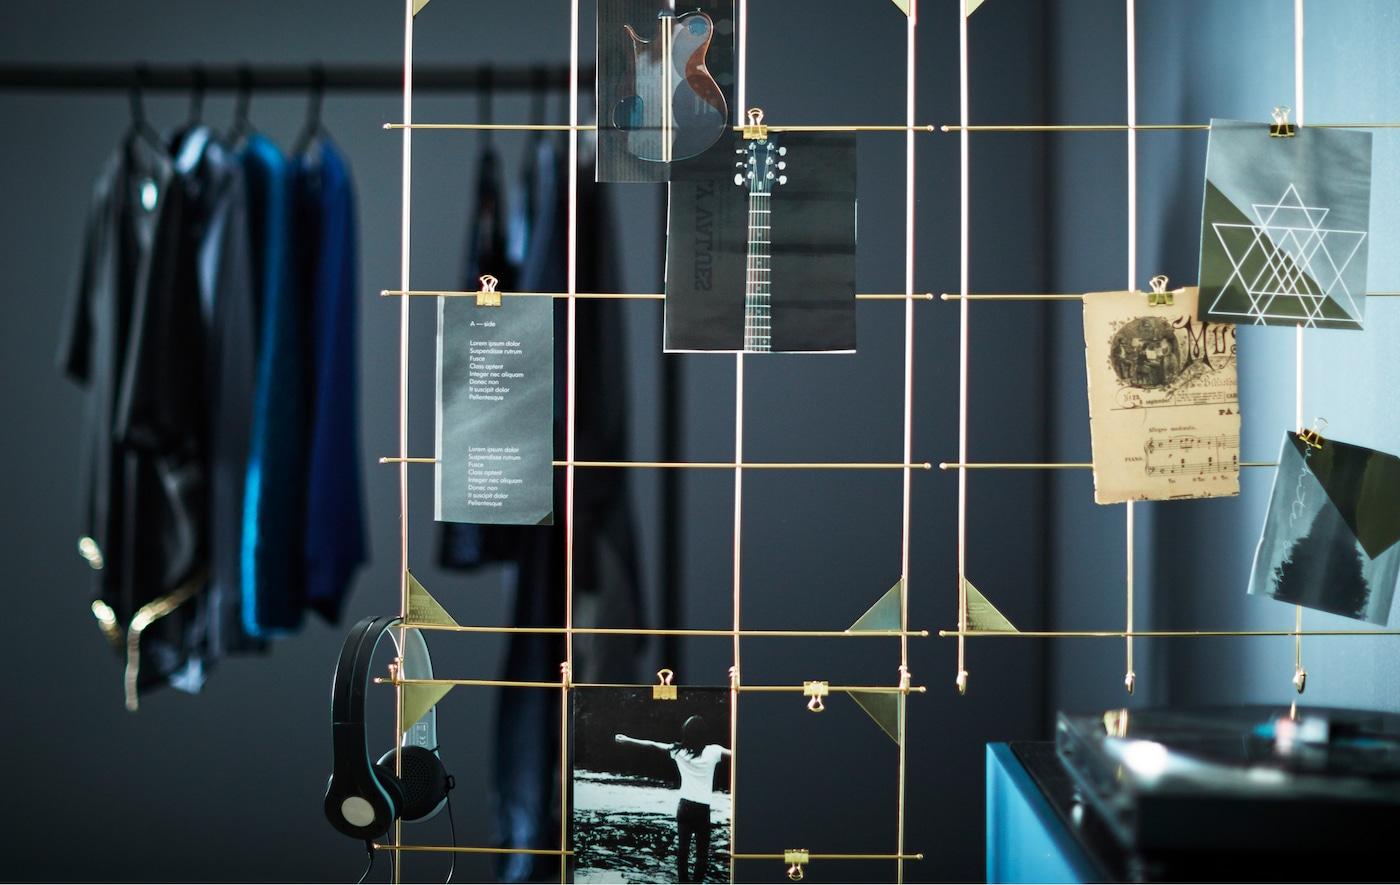 Exposez vos objets préférés sur un séparateur de pièce versatile construit avec des cadres IKEA MYRHEDEN couleur laiton. Regroupez quatre cadres en fil, attachez-les à un rail pour rideau fixé au plafond et accessoirisez!